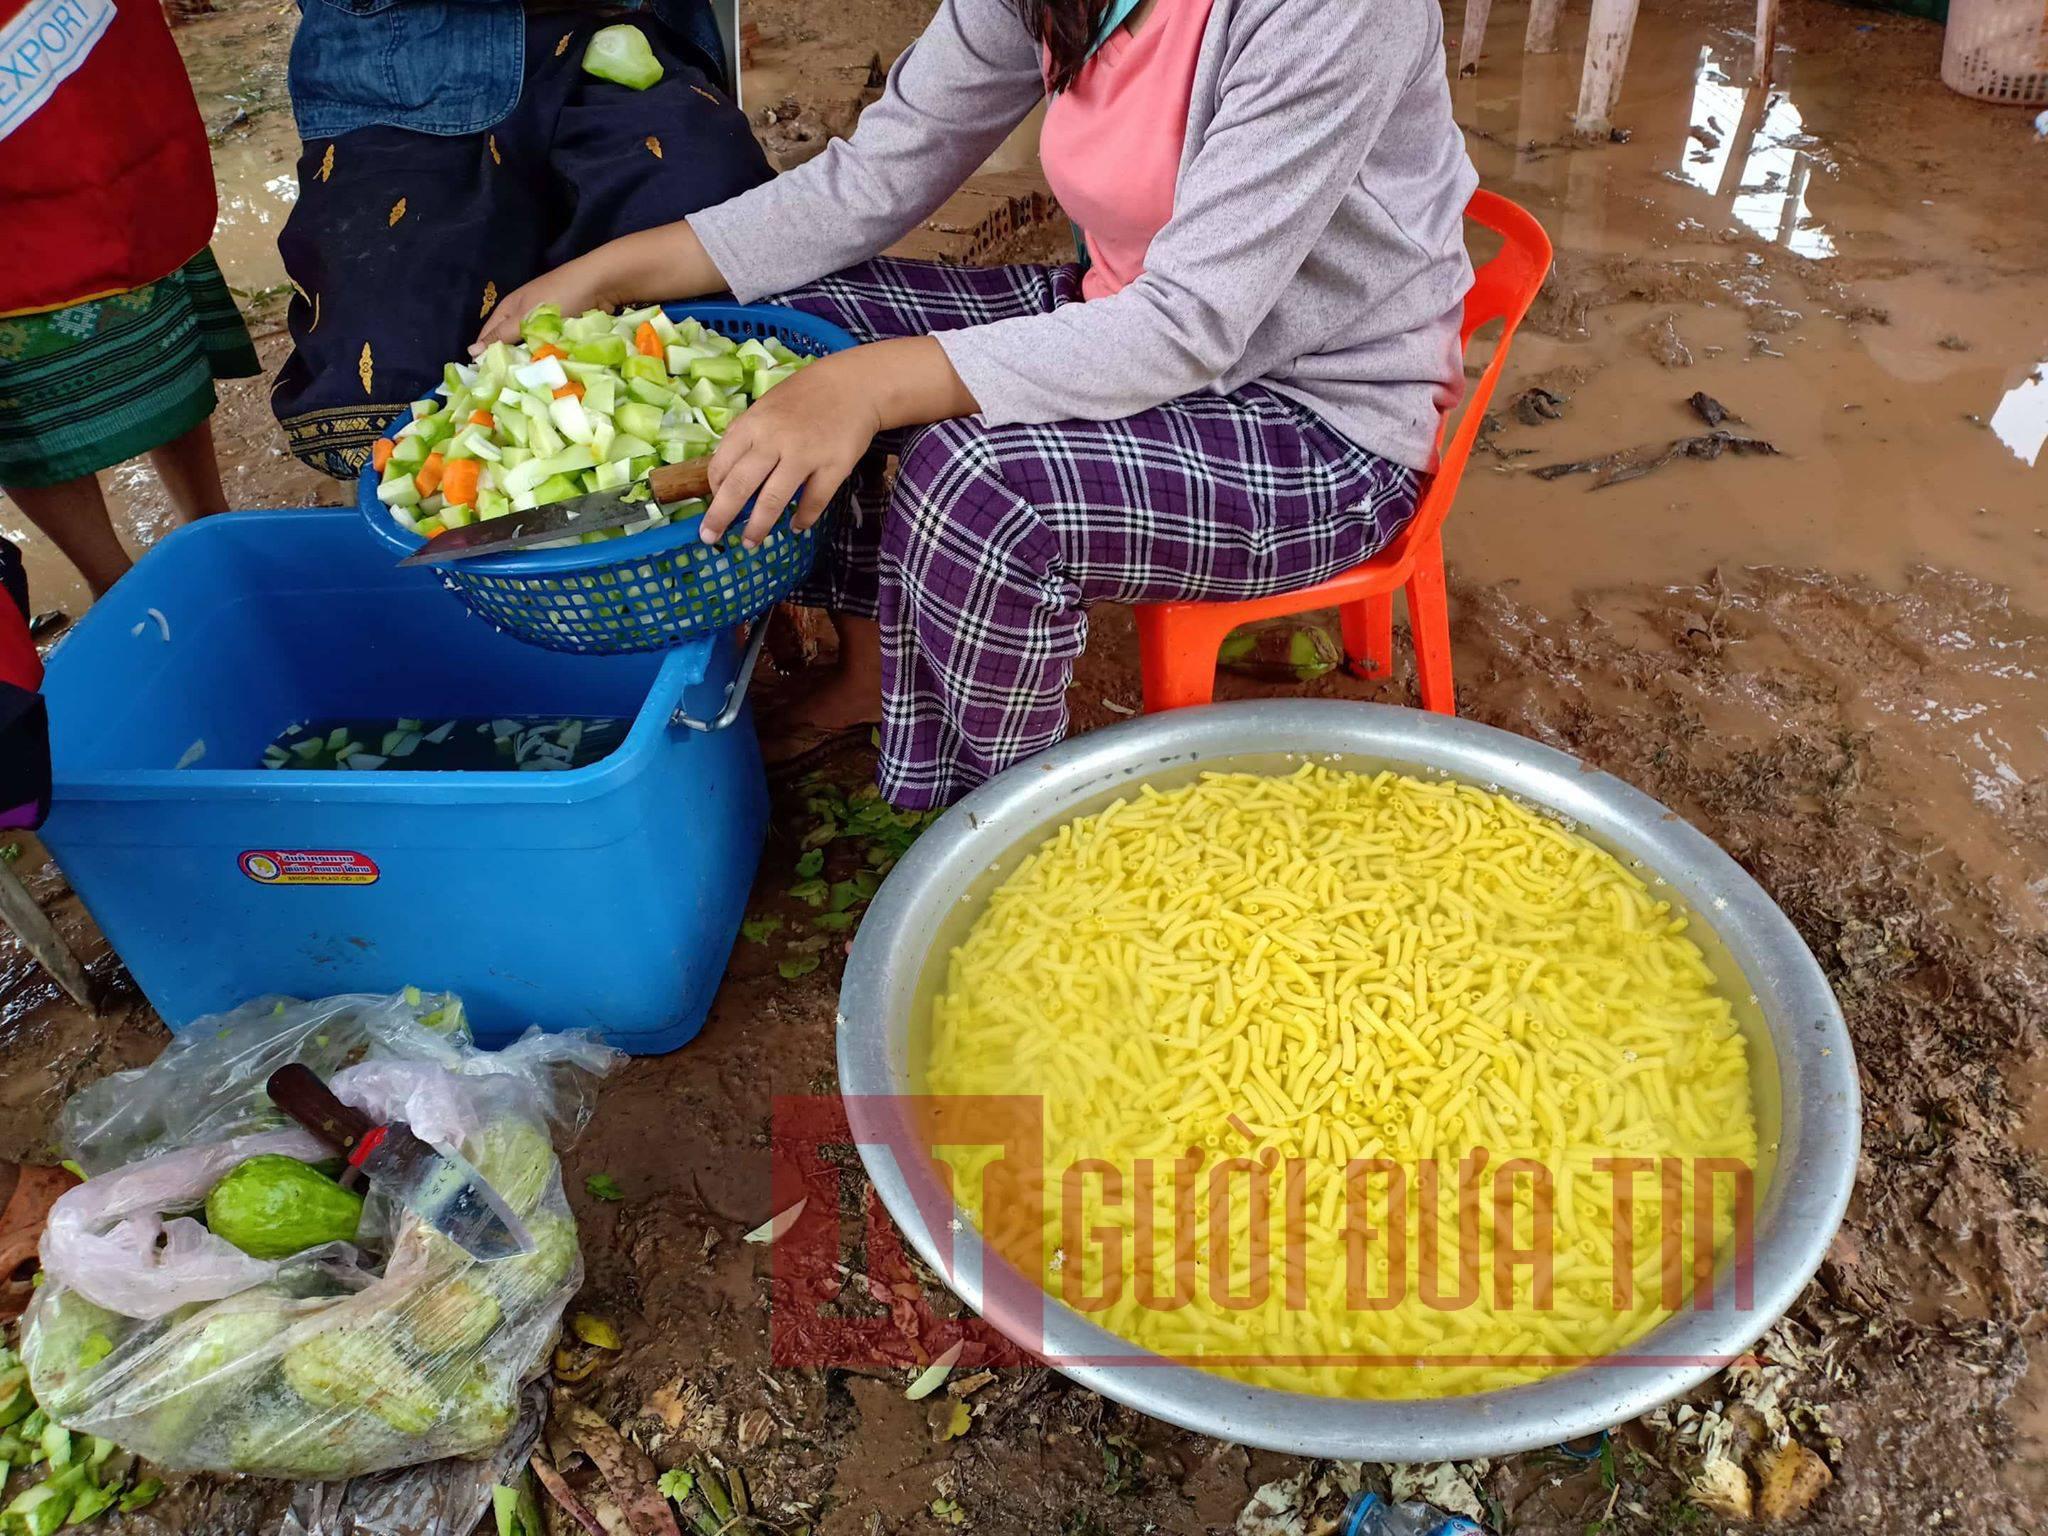 Vỡ đập thủy điện Lào: Cận cảnh công tác cứu hộ tại nơi cơn lũ vừa càn quét - Ảnh 15